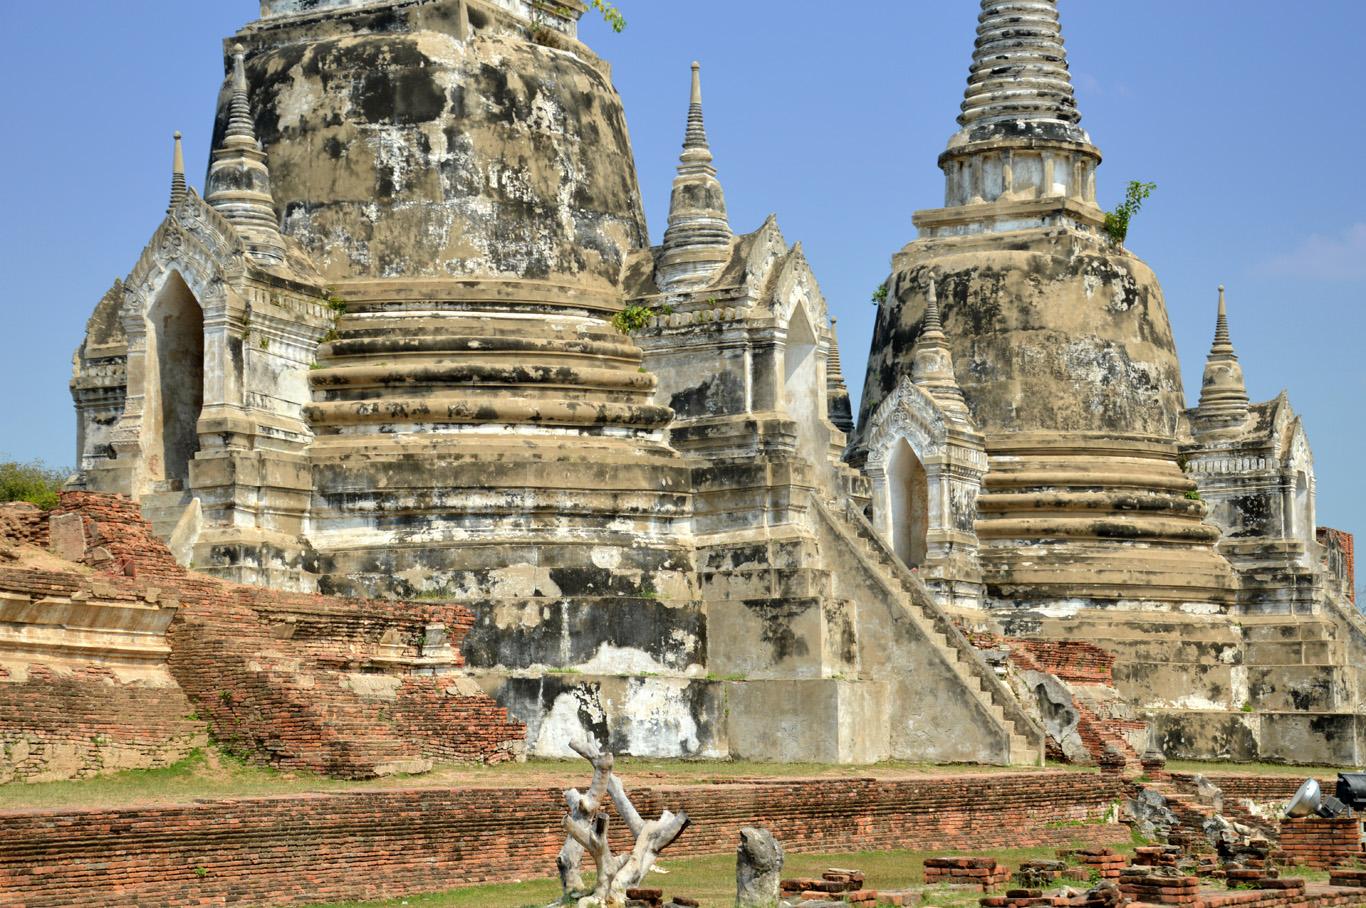 The three stupas of Wat Phra Si Sanphet